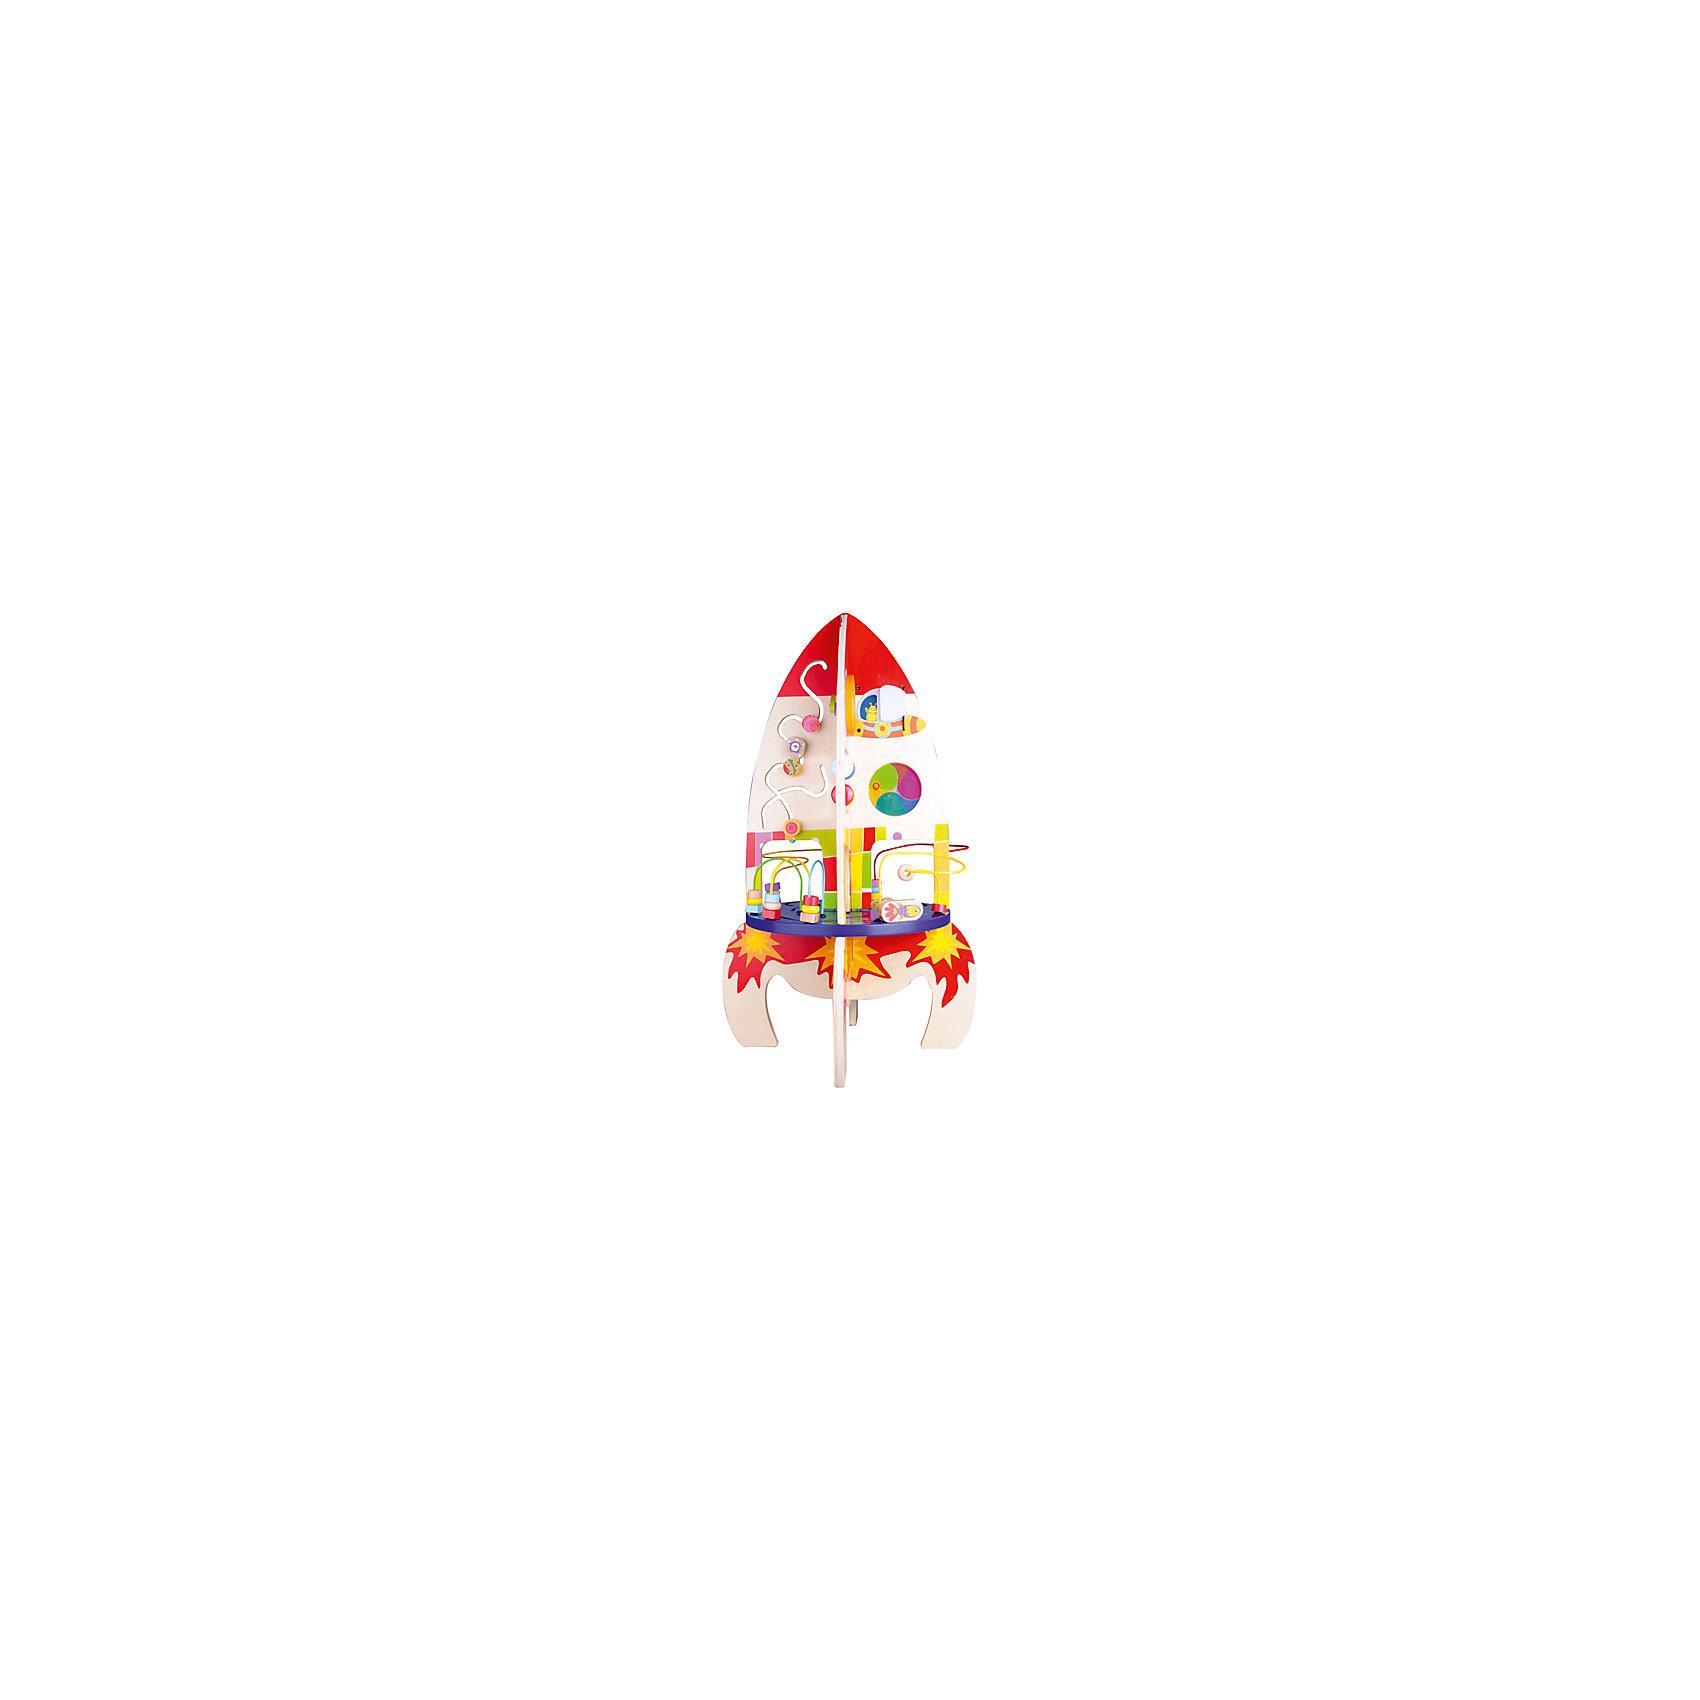 Развивающии? центр «Ракета, высота 62 см, Classic WorldИгровые столики и центры<br>Характеристики товара:<br><br>• возраст: от 1,5 лет;<br>• материал: дерево;<br>• высота центра: 62 см;<br>• размер упаковки: 32х20х44 см;<br>• вес упаковки: 1,8 кг;<br>• страна производитель: Китай.<br><br>Развивающий центр «Ракета» Classic World выполнен в виде большой разноцветной ракеты с 4 устойчивыми ножками. Центр включает в себя разнообразные увлекательные и развивающие игры, лабиринт, шестеренки, зеркало, счеты. <br><br>В процессе игры с лабиринтом, шестеренками развиваются мелкая моторика рук, хватательный рефлекс, логическое и пространственное мышление. Счеты и циферблат помогут малышу выучить цифры и основы счета.<br><br>Центр выполнен из качественного натурального дерева, хорошо отшлифован и не имеет острых опасных деталей.<br><br>Развивающий центр «Ракета» Classic World можно приобрести в интернет-магазине.<br><br>Ширина мм: 320<br>Глубина мм: 440<br>Высота мм: 200<br>Вес г: 1800<br>Возраст от месяцев: 12<br>Возраст до месяцев: 2147483647<br>Пол: Унисекс<br>Возраст: Детский<br>SKU: 6844323